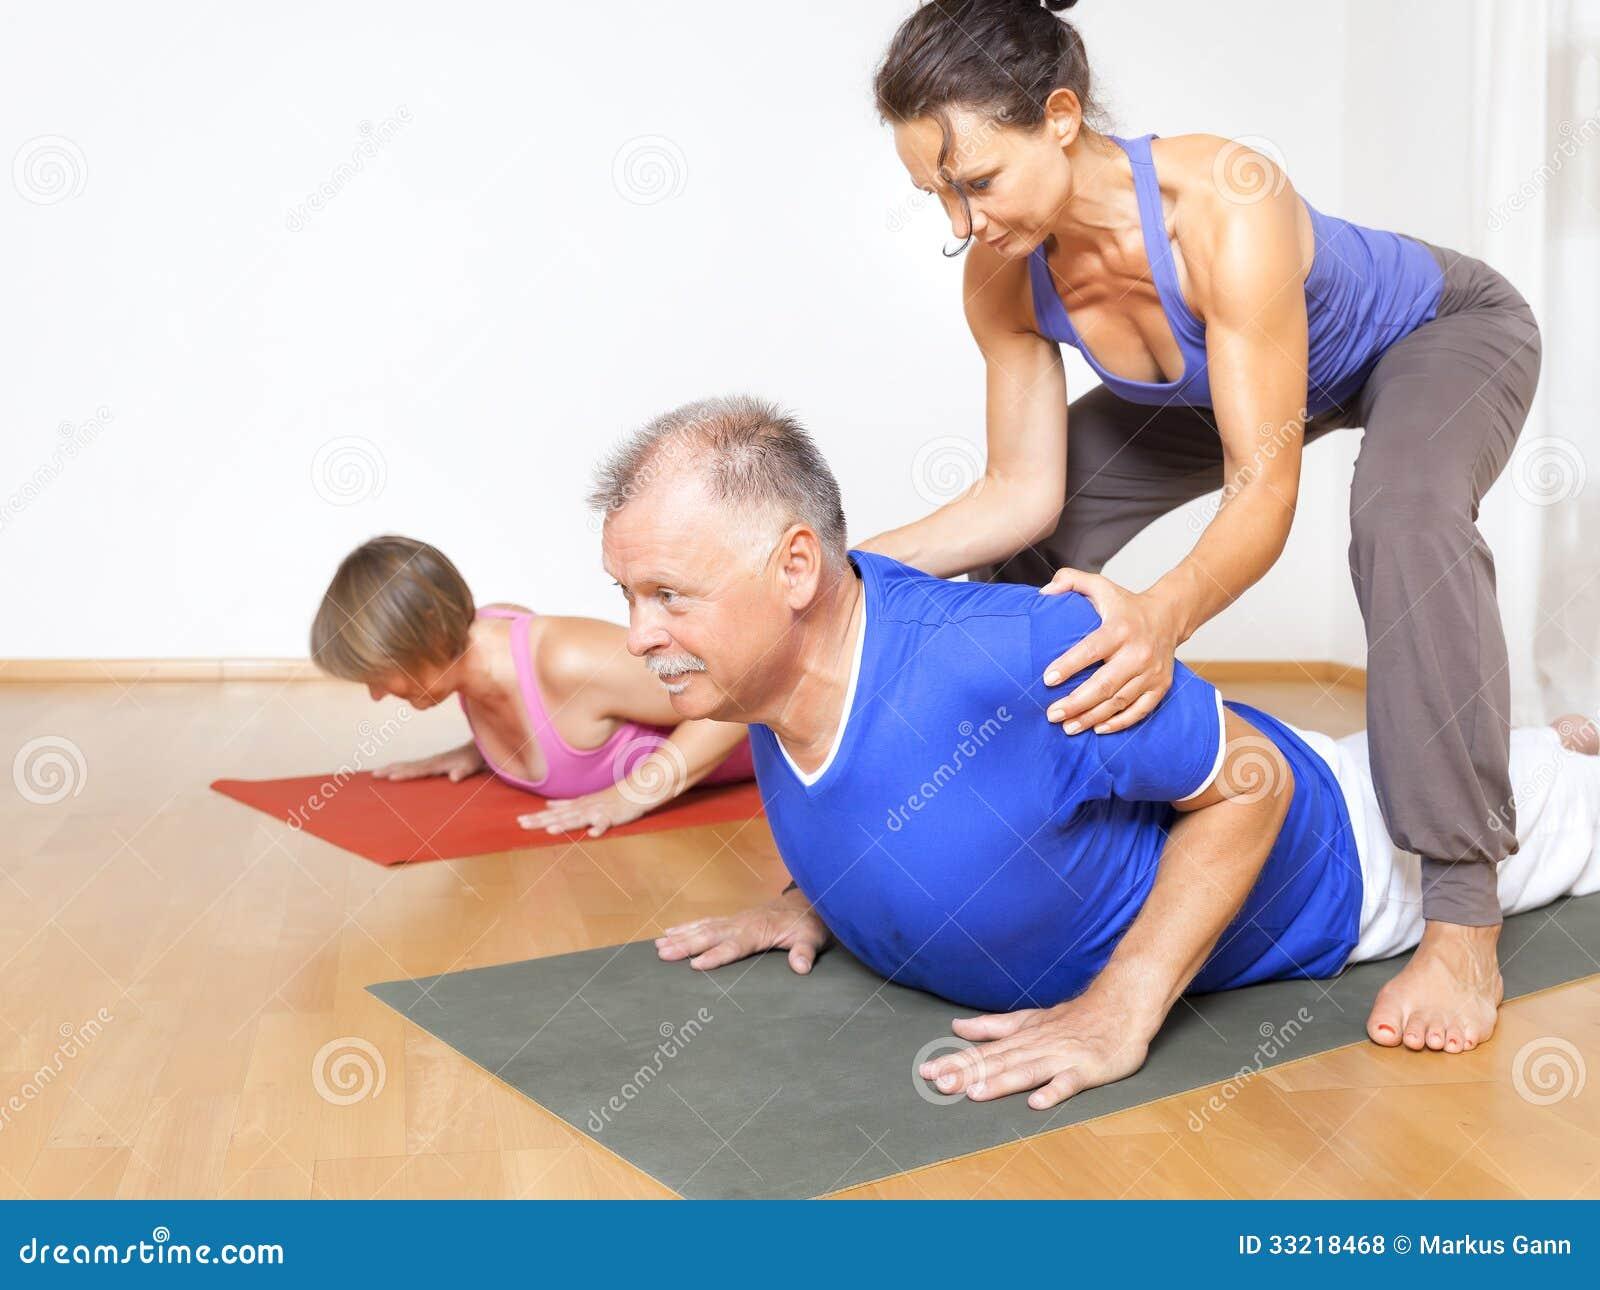 Тренировка йоги